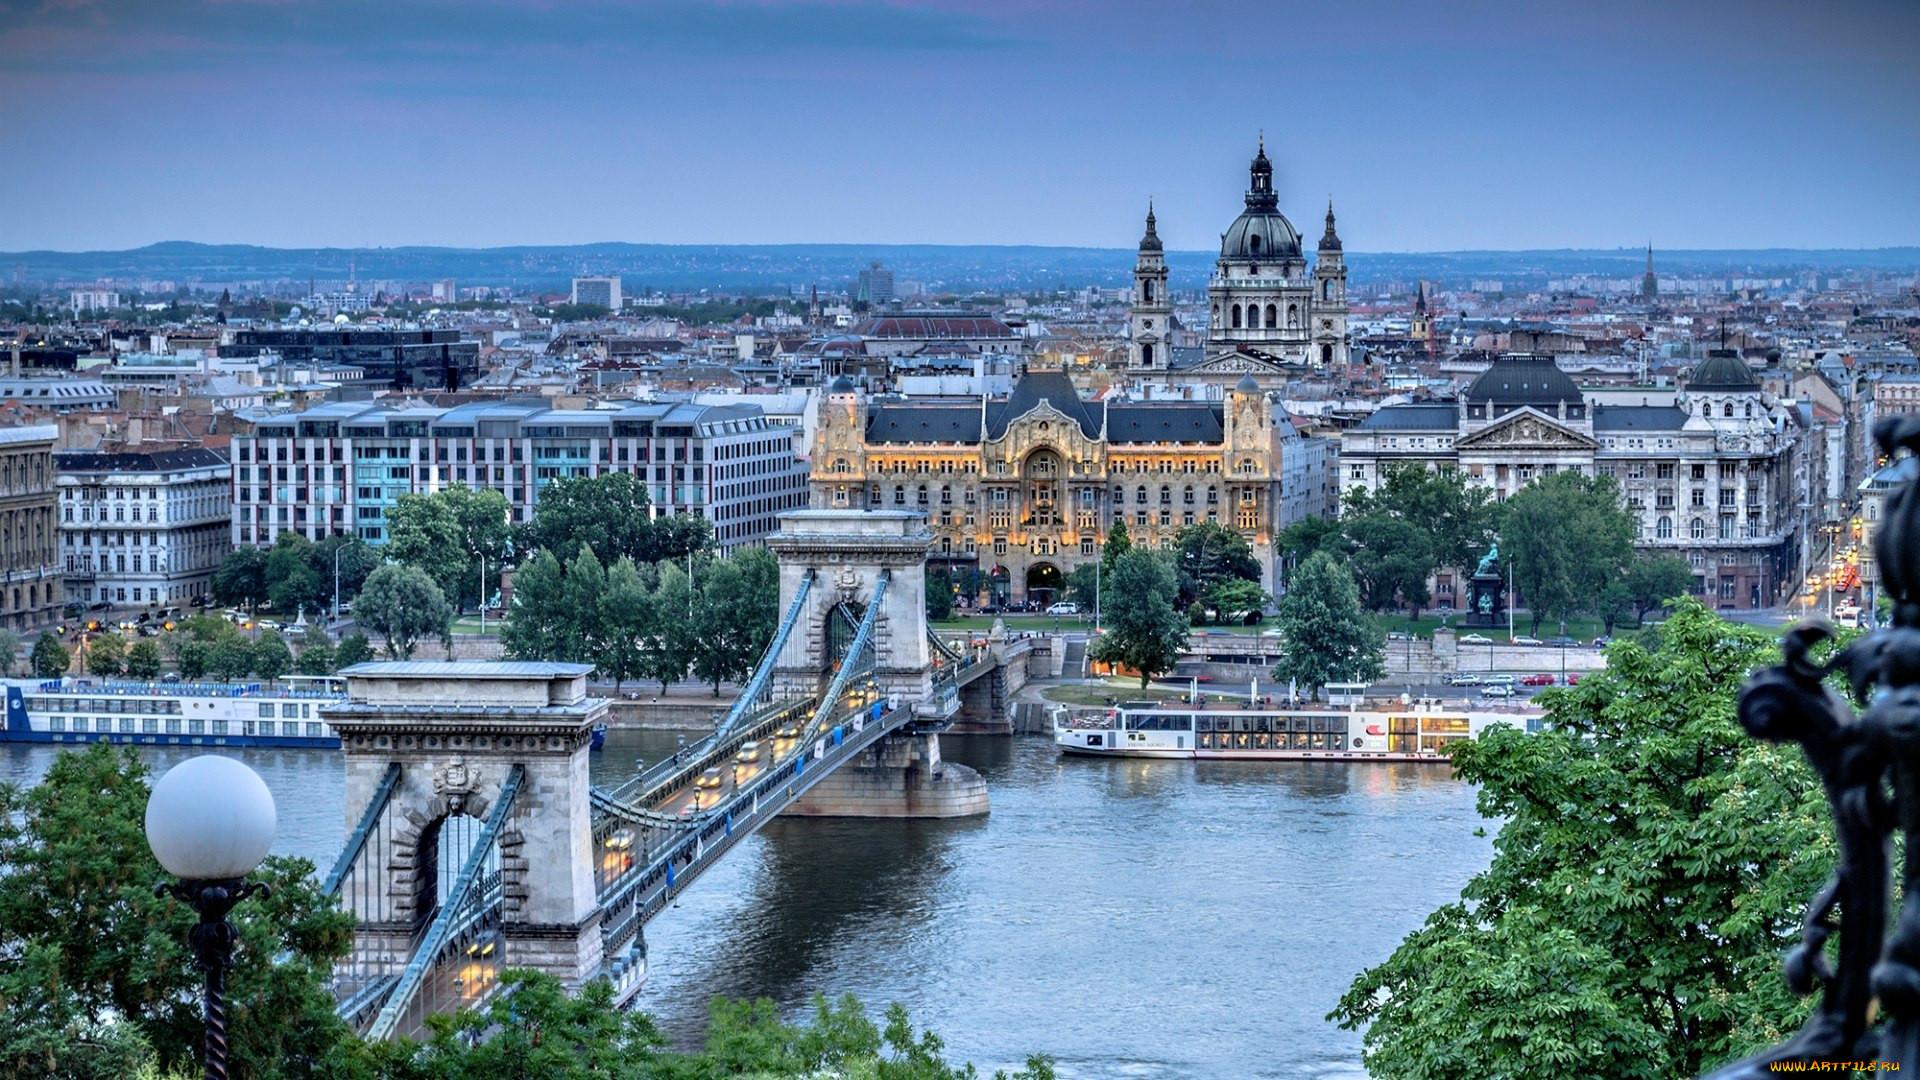 приводит подробности фото будапешт венгрия психологические тесты